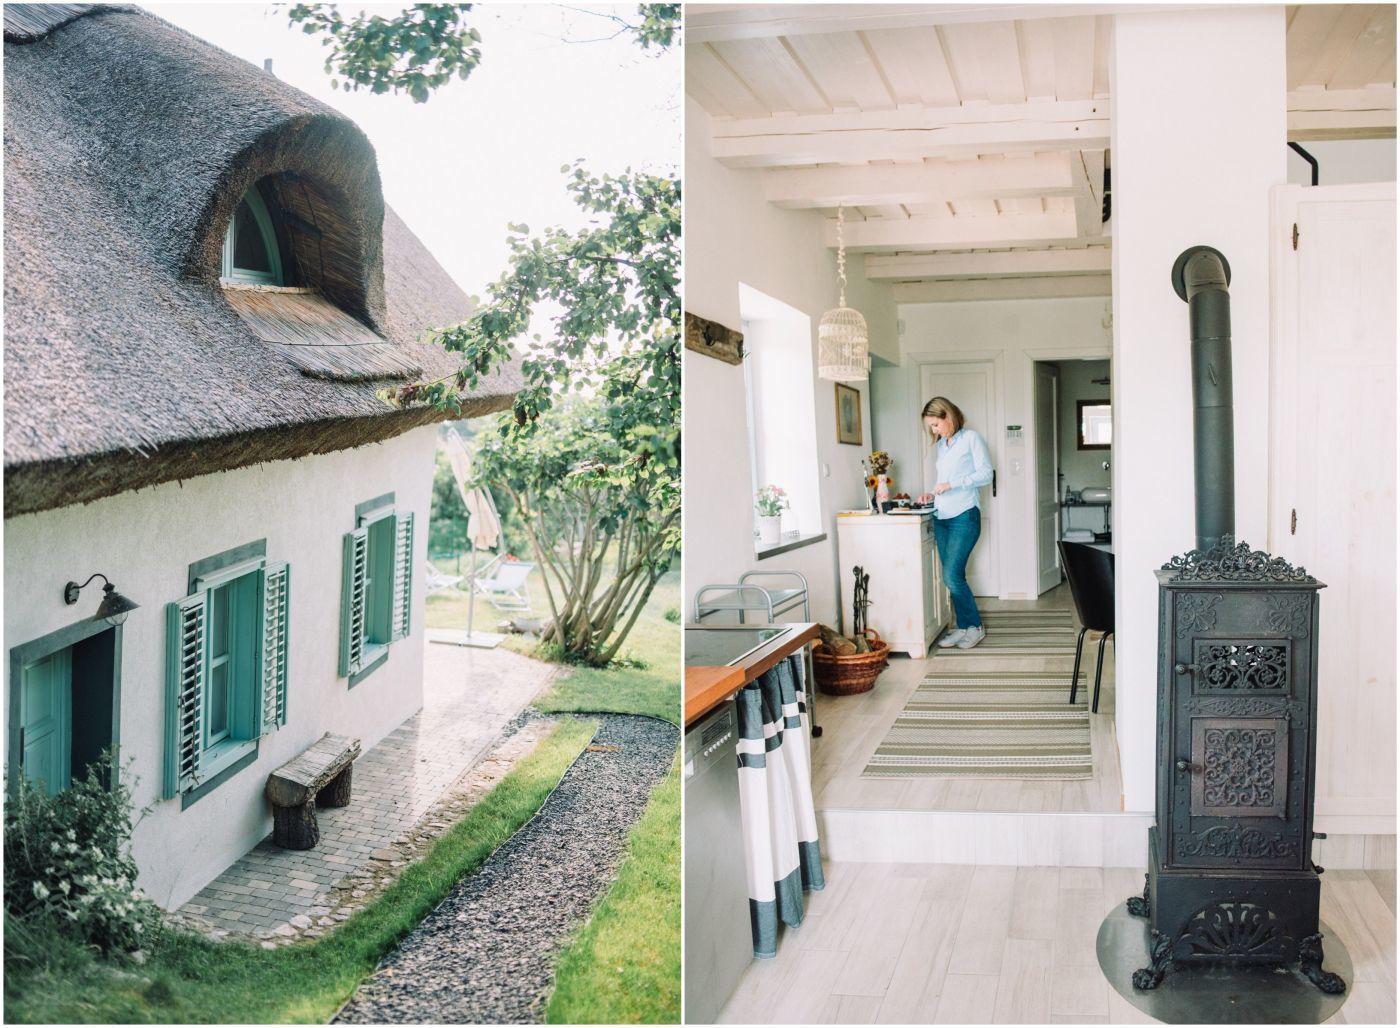 Főzésre is tökéletesen alkalmas a konyha - Noemi's Cottage Balatongyörök